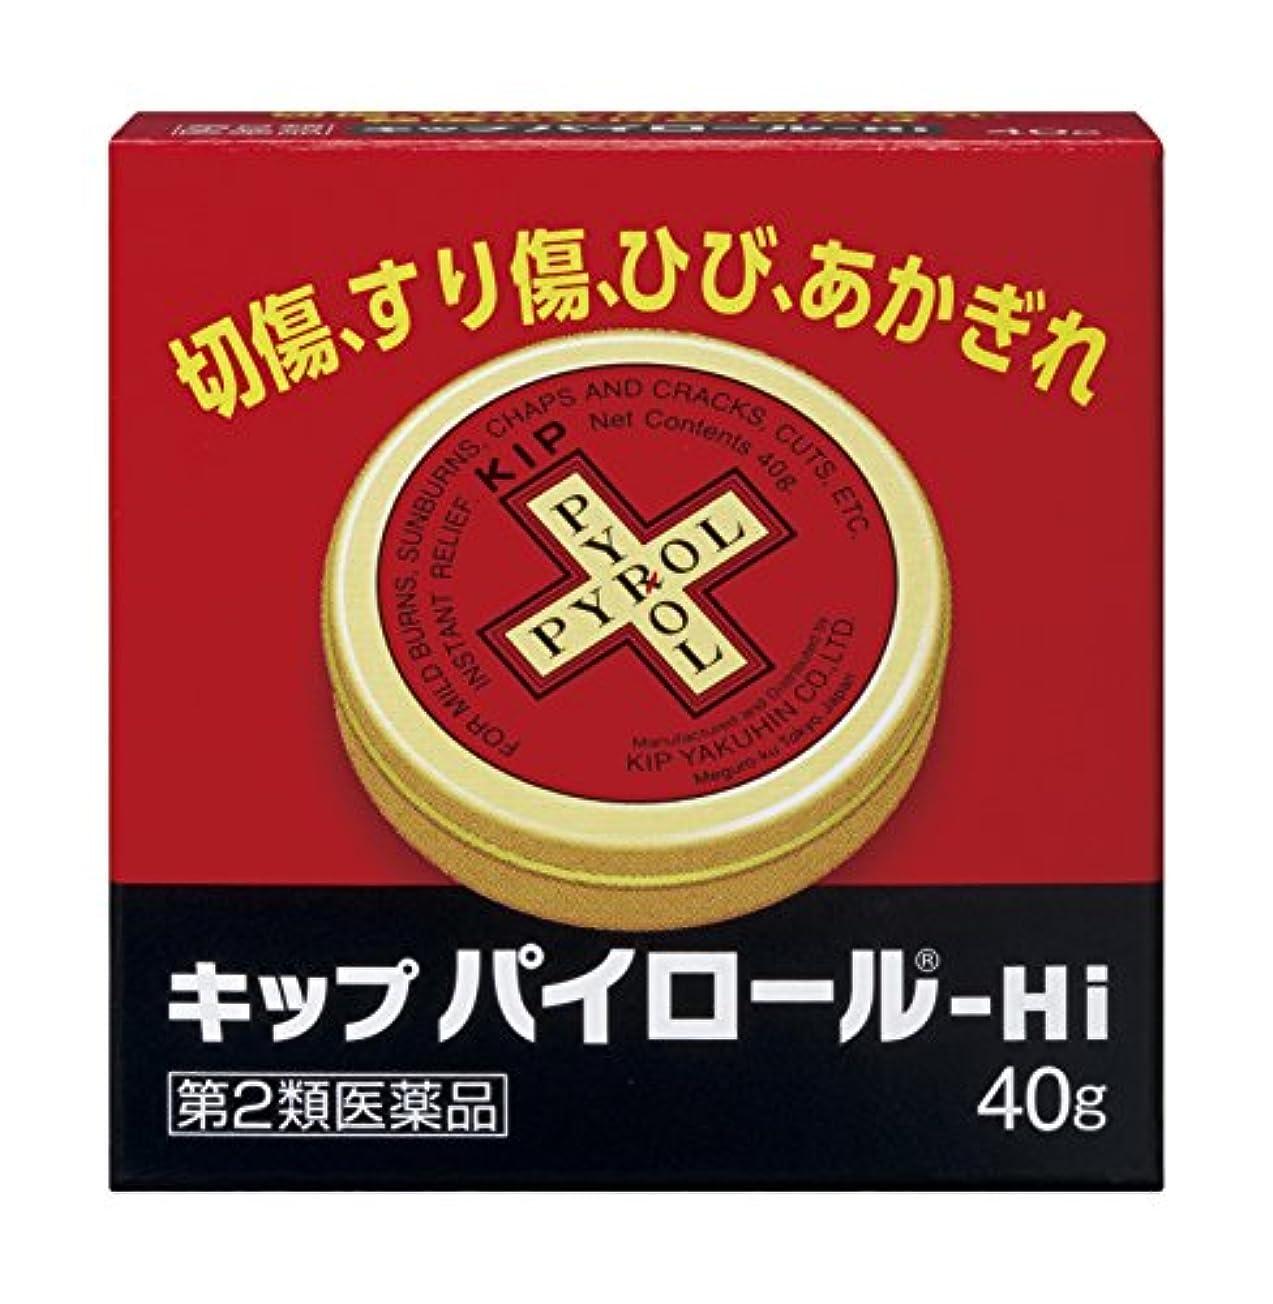 ばかげたジャーナル寄生虫【第2類医薬品】キップパイロールHI 40g